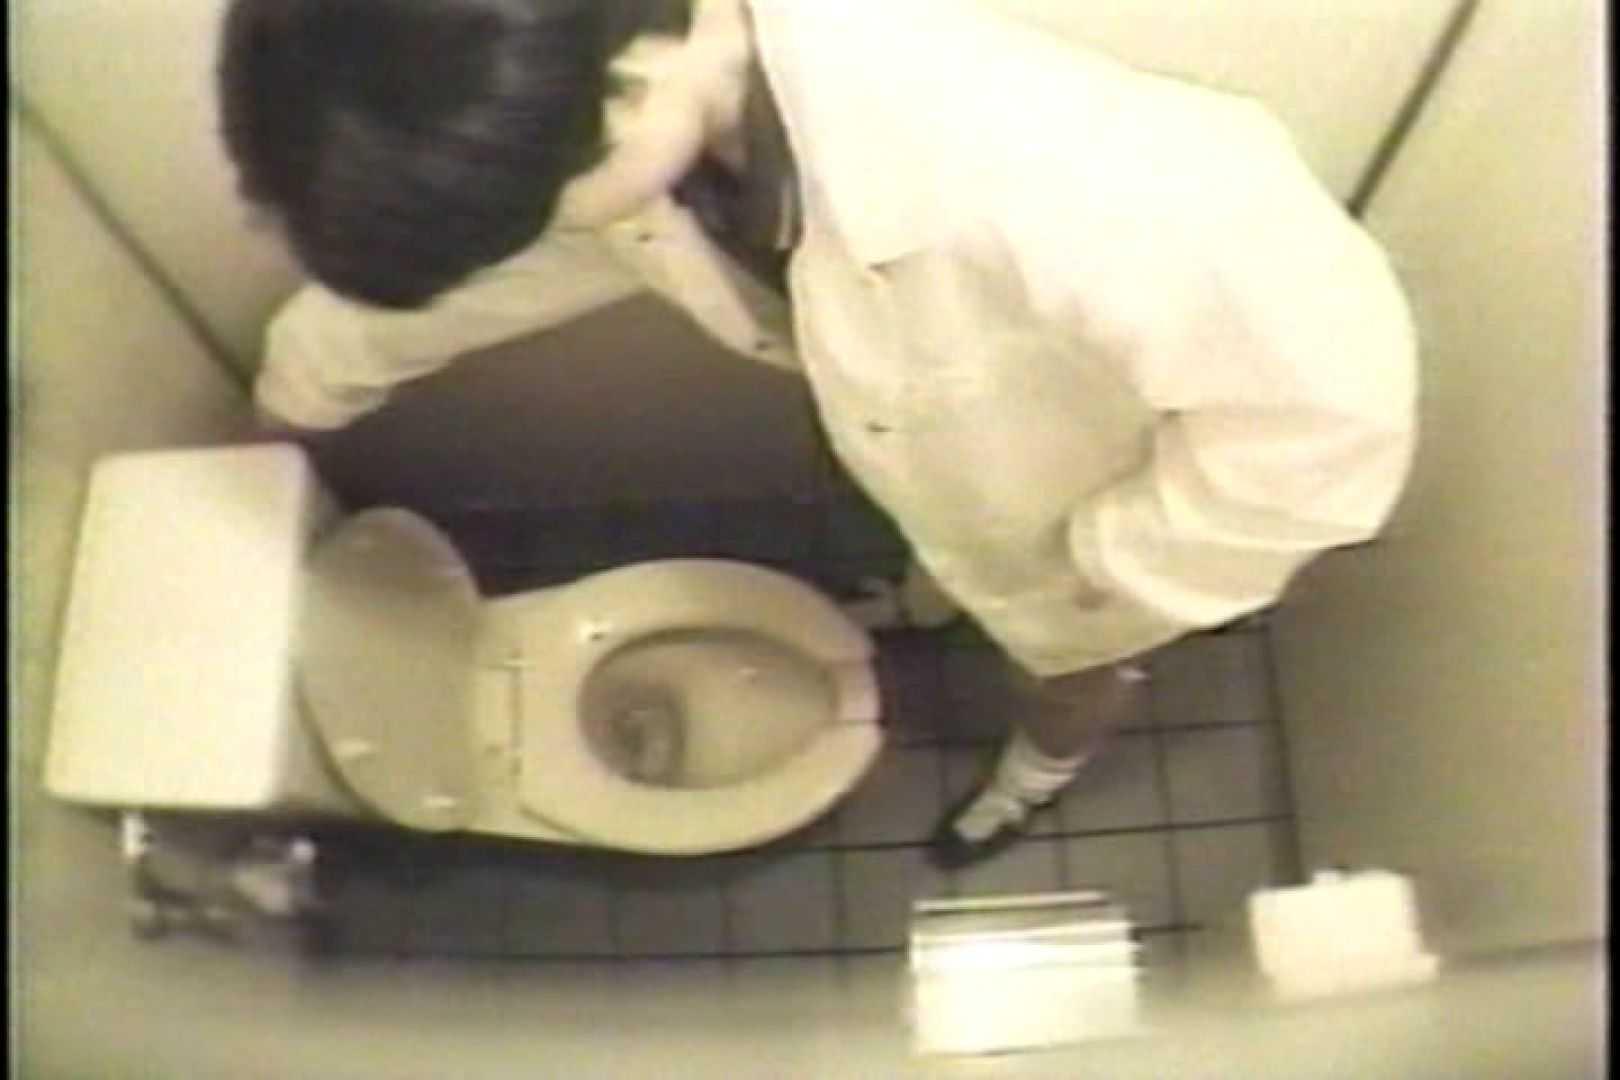 盗撮 女子洗面所3ヶ所入ってしゃがんで音出して プライベート  67pic 12